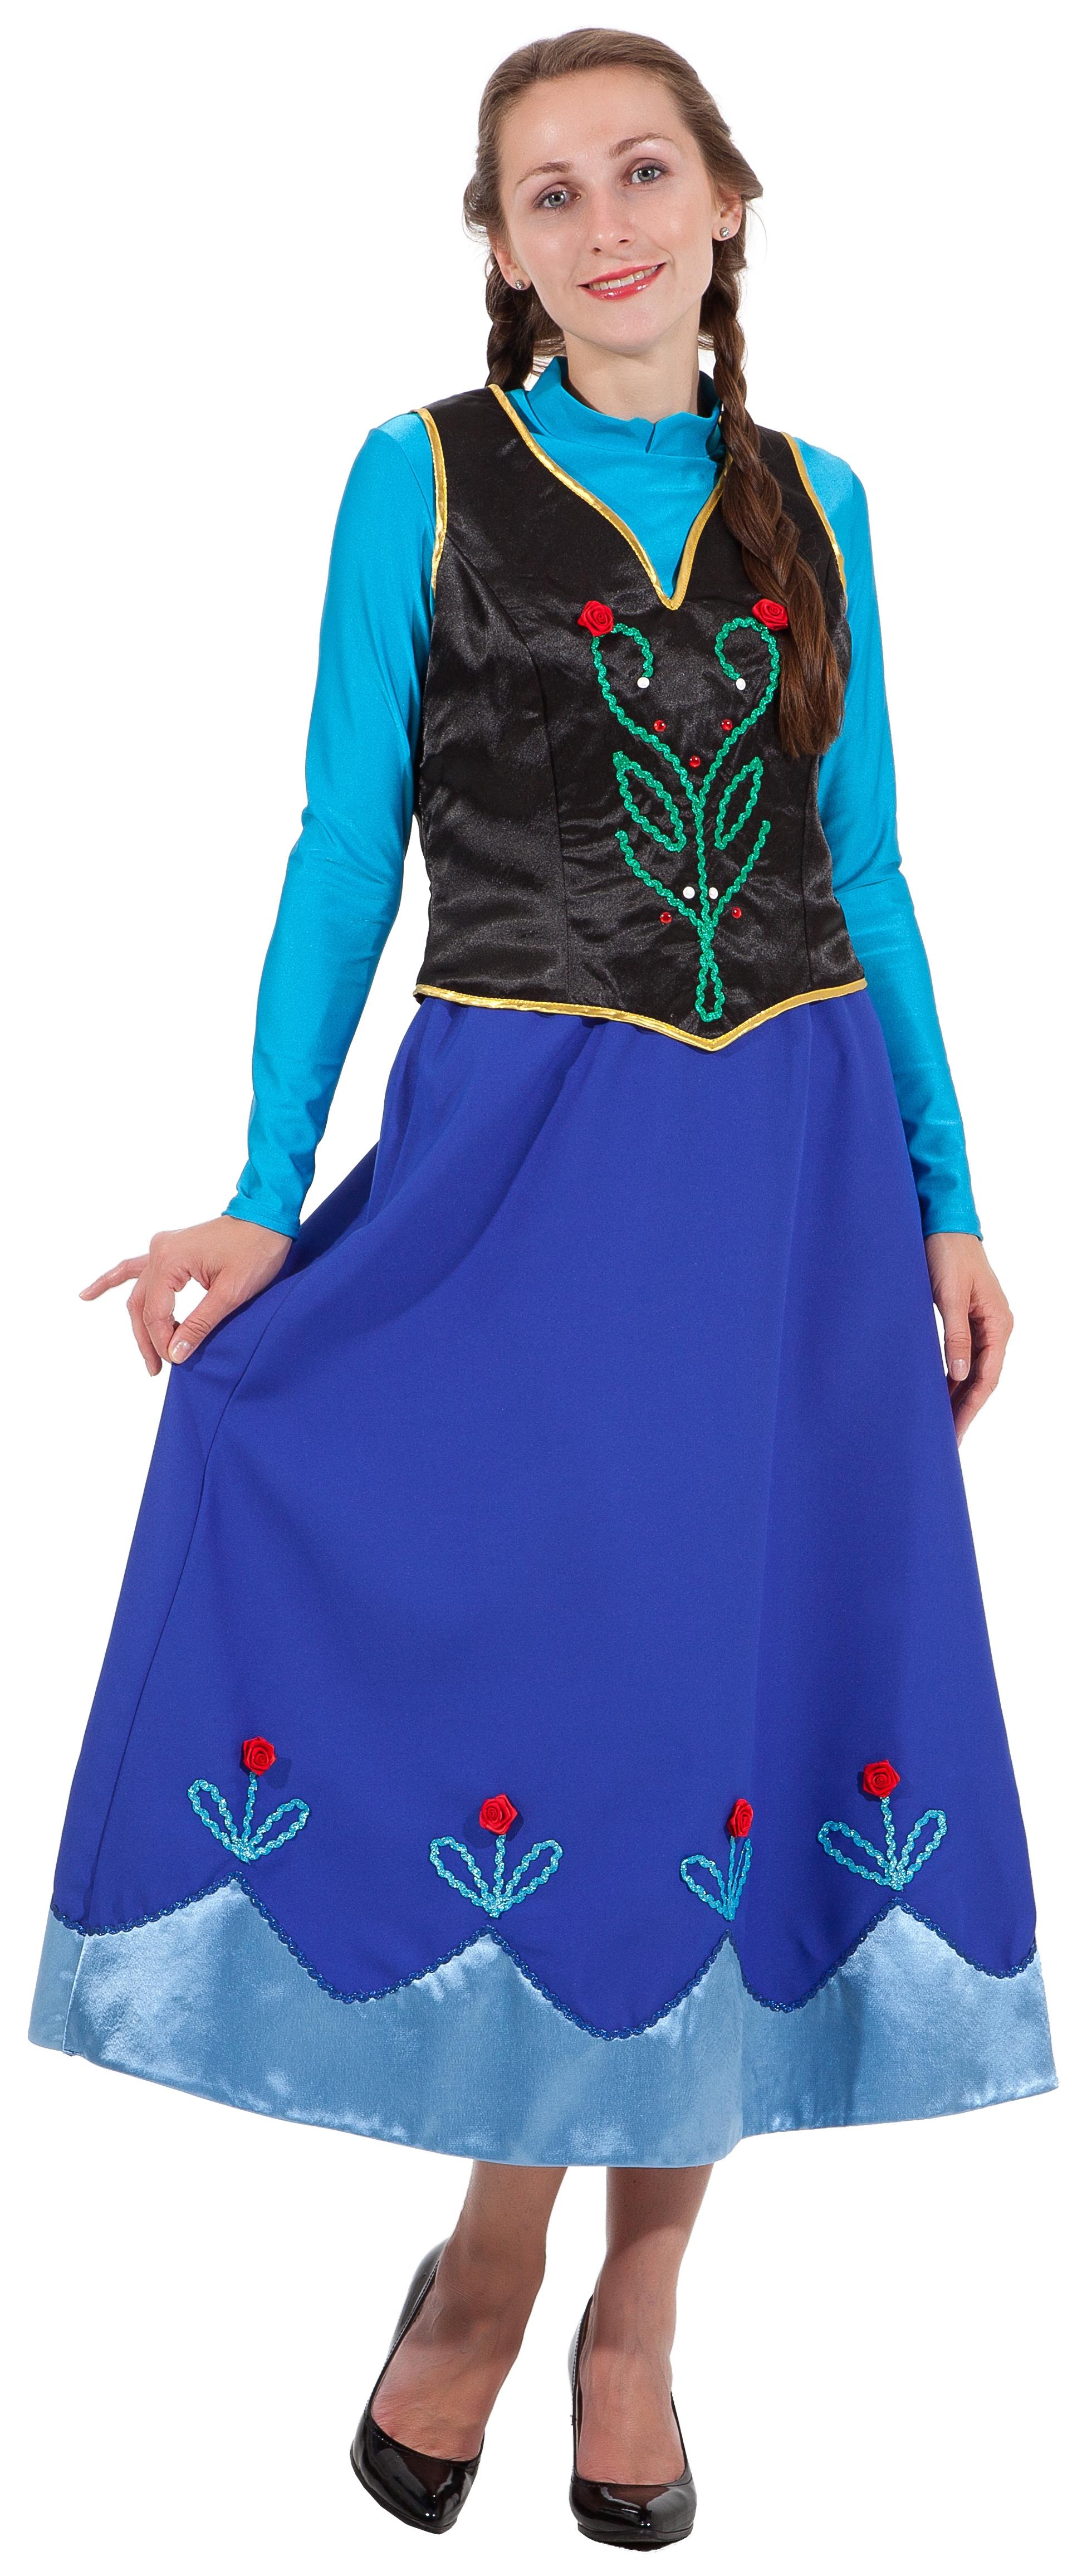 Взрослый костюм Принцессы Анны (48-50) -  Сказочные герои